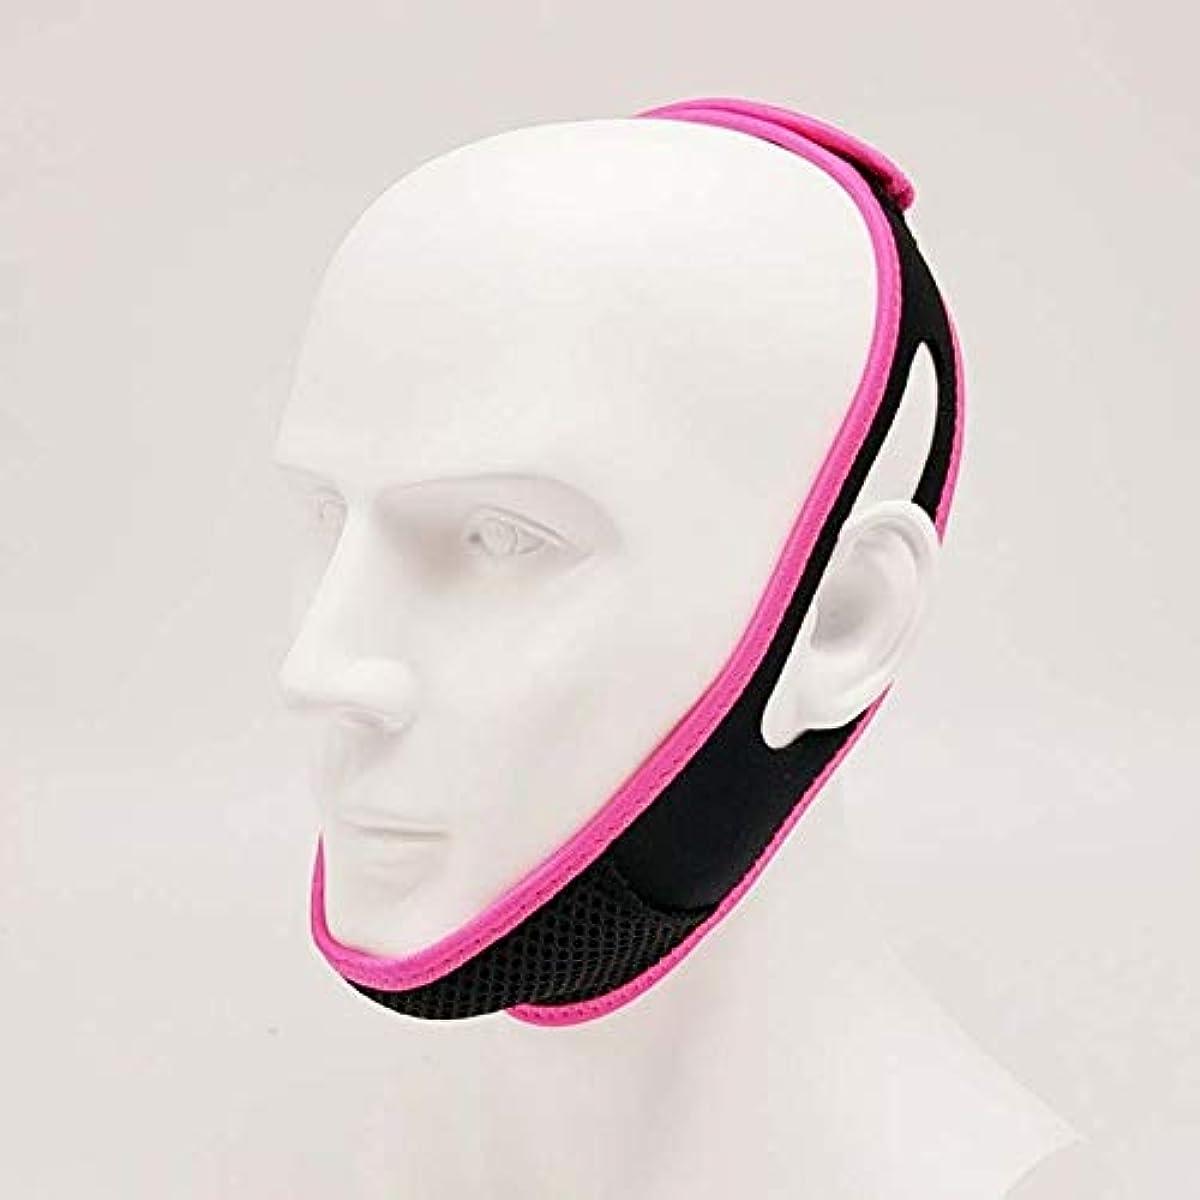 ジャンル抽象トレーニングNOTE 抗いびきあごストラップ調節可能な抗いびきベルトディープスリープ用男性女性停止いびきヘッドバンド鼻いびきうなり声CCP056